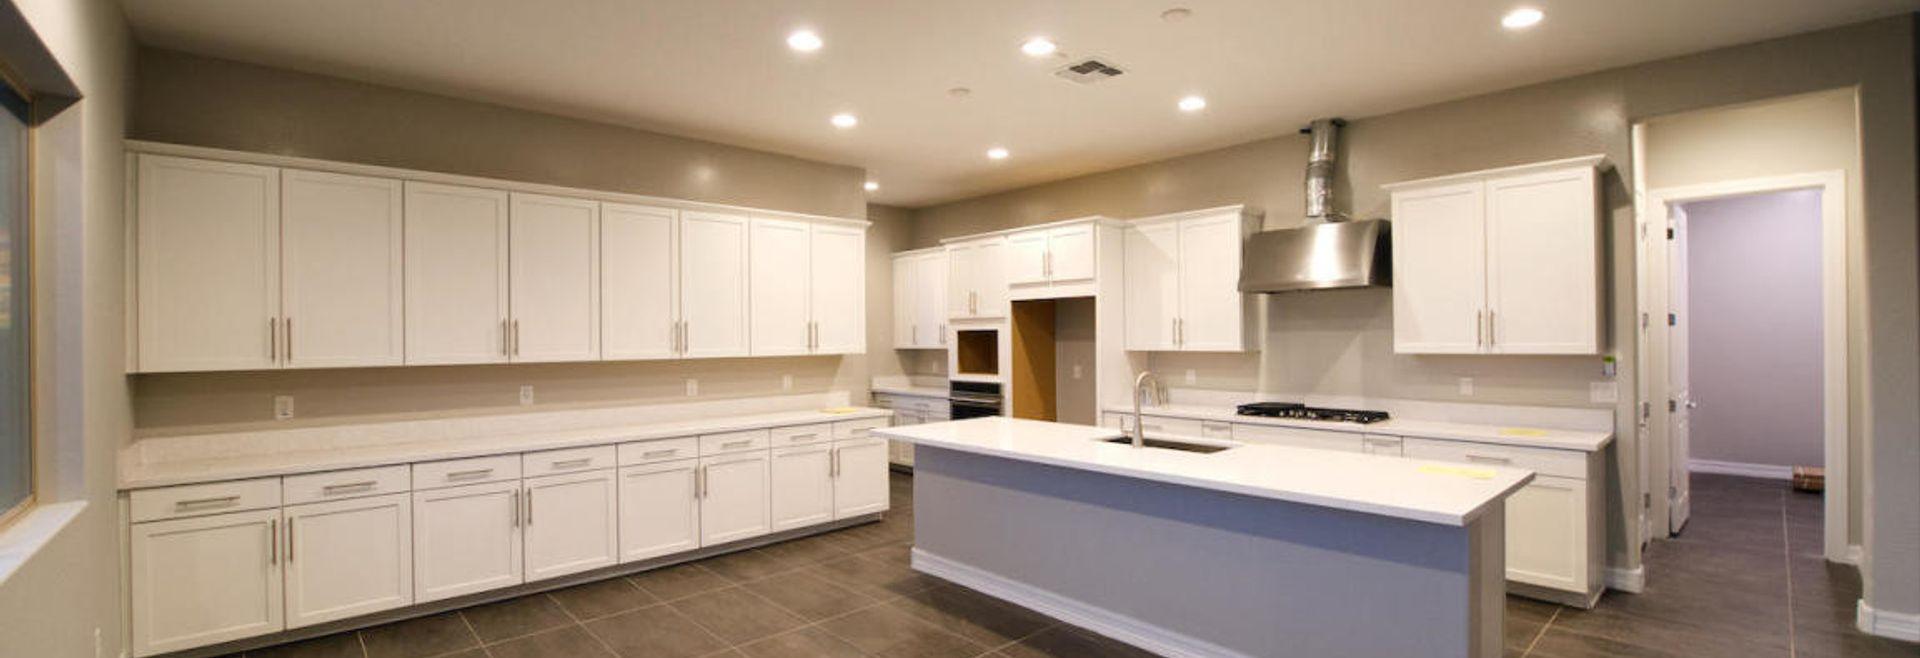 Origin Homesite 258 Kitchen